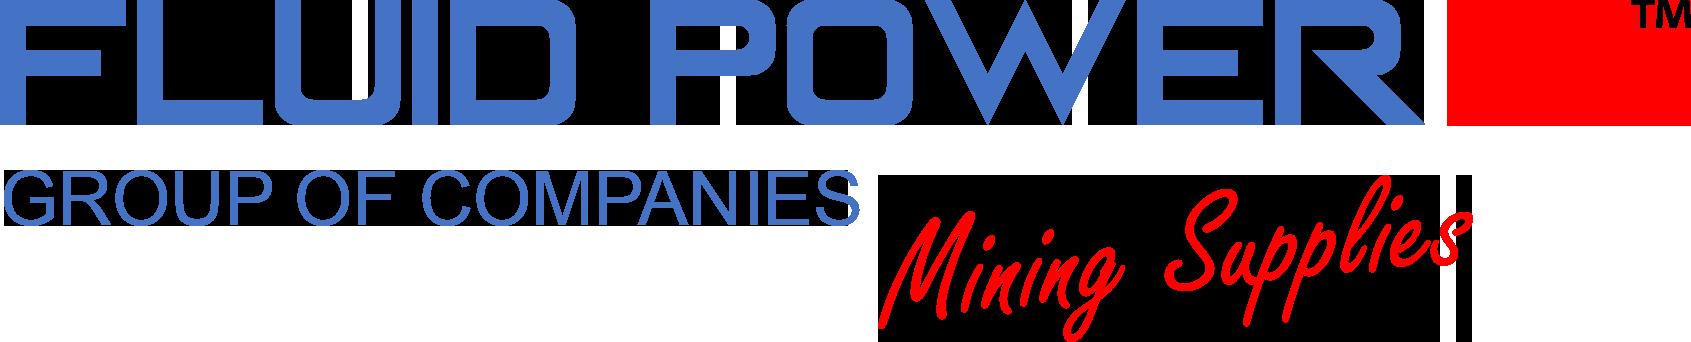 Fluid Power - Mining Supplies Logo